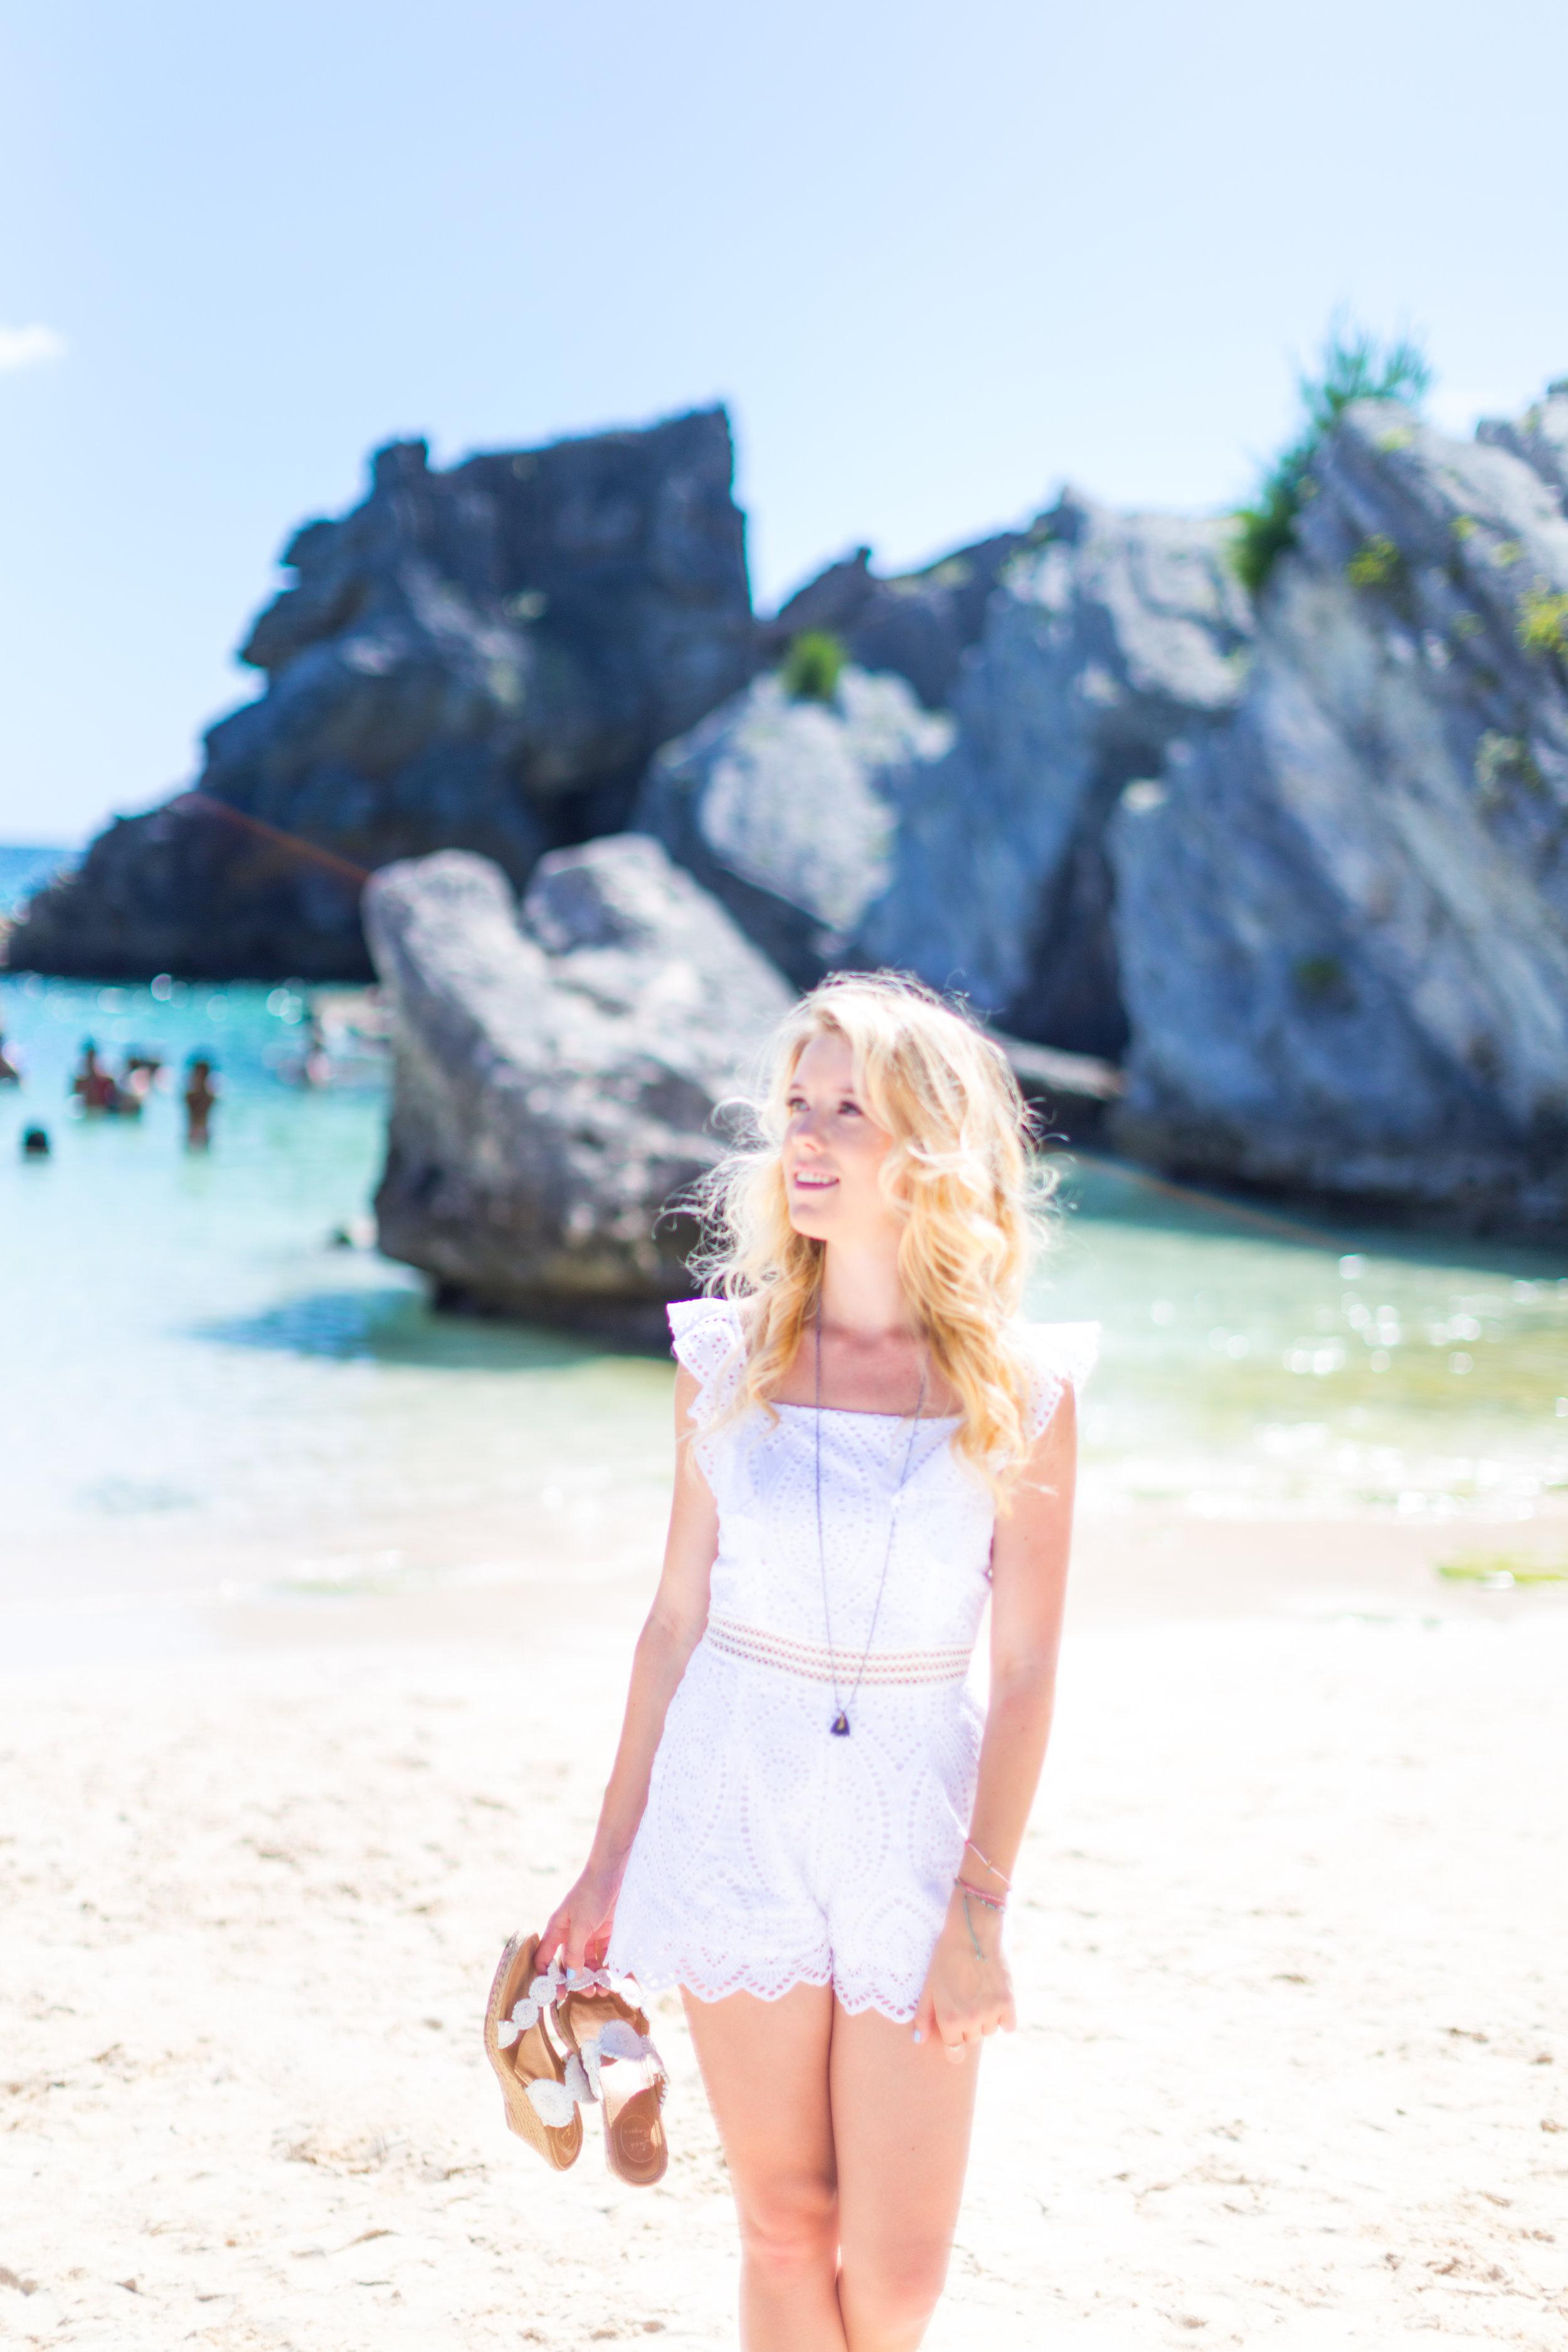 Summer Labor Day Fashion White Lace Romper Bermuda-12.jpg